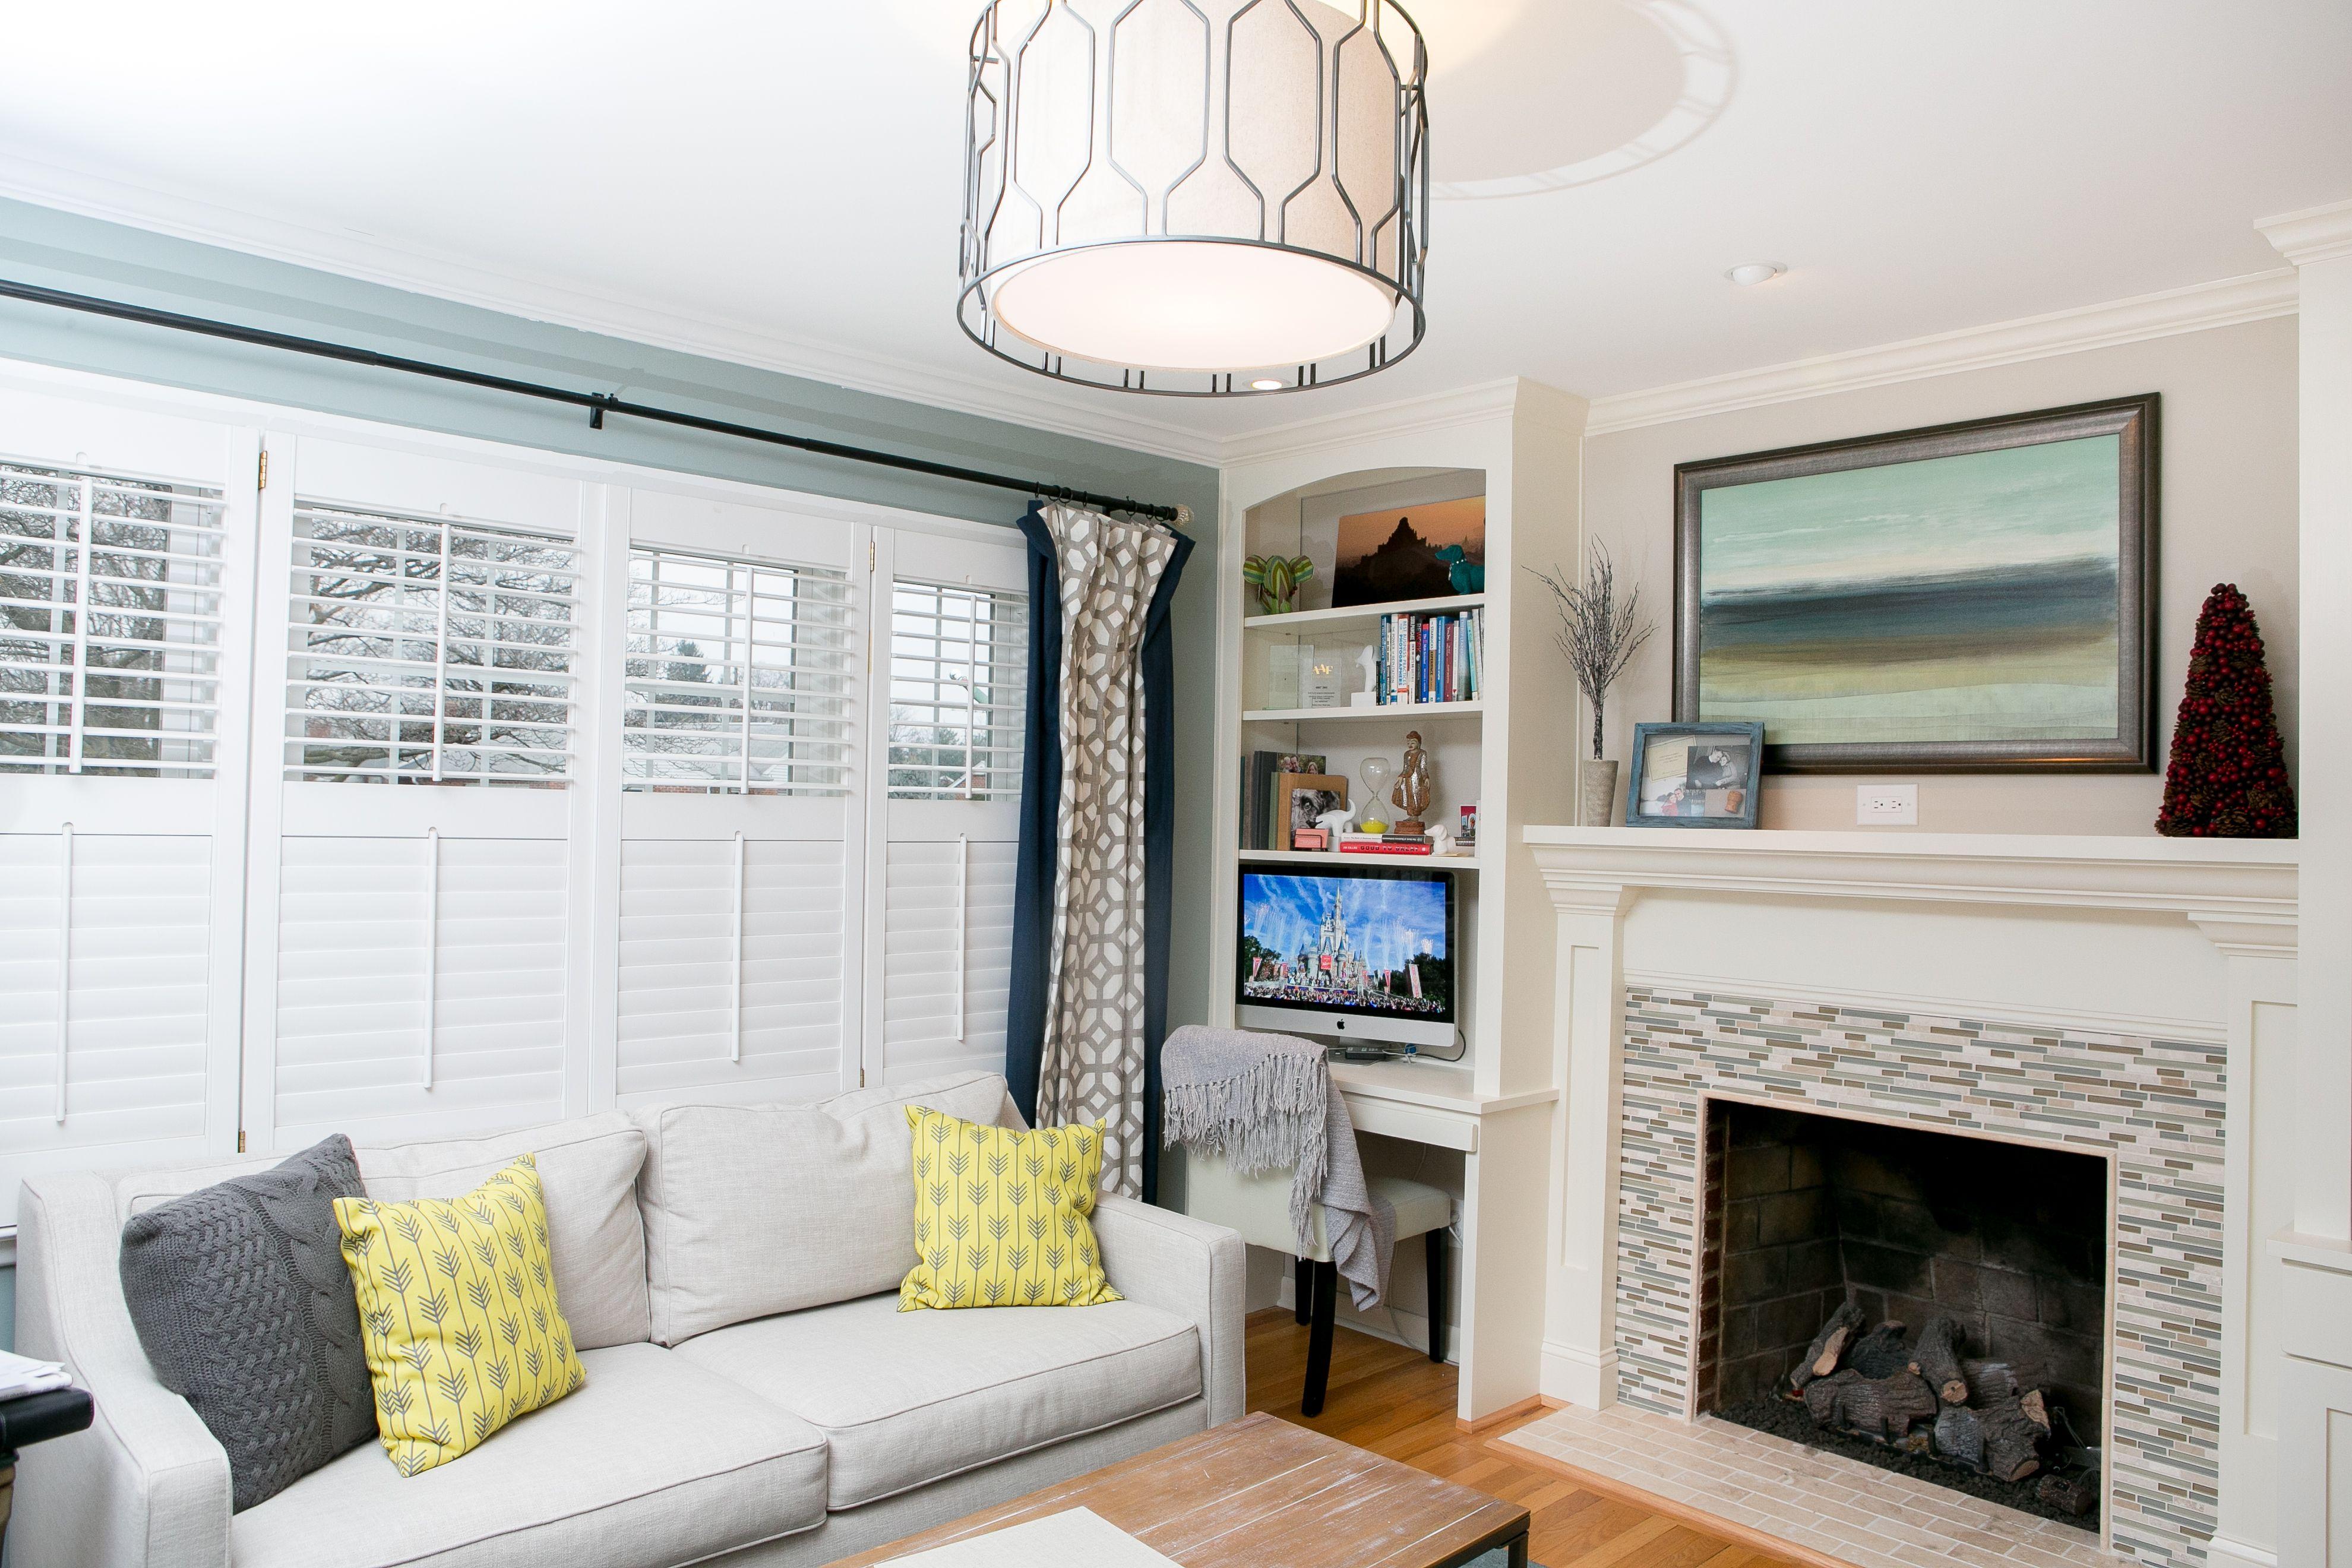 Living Room Office Combination Built In Bookshelves Desk Tv